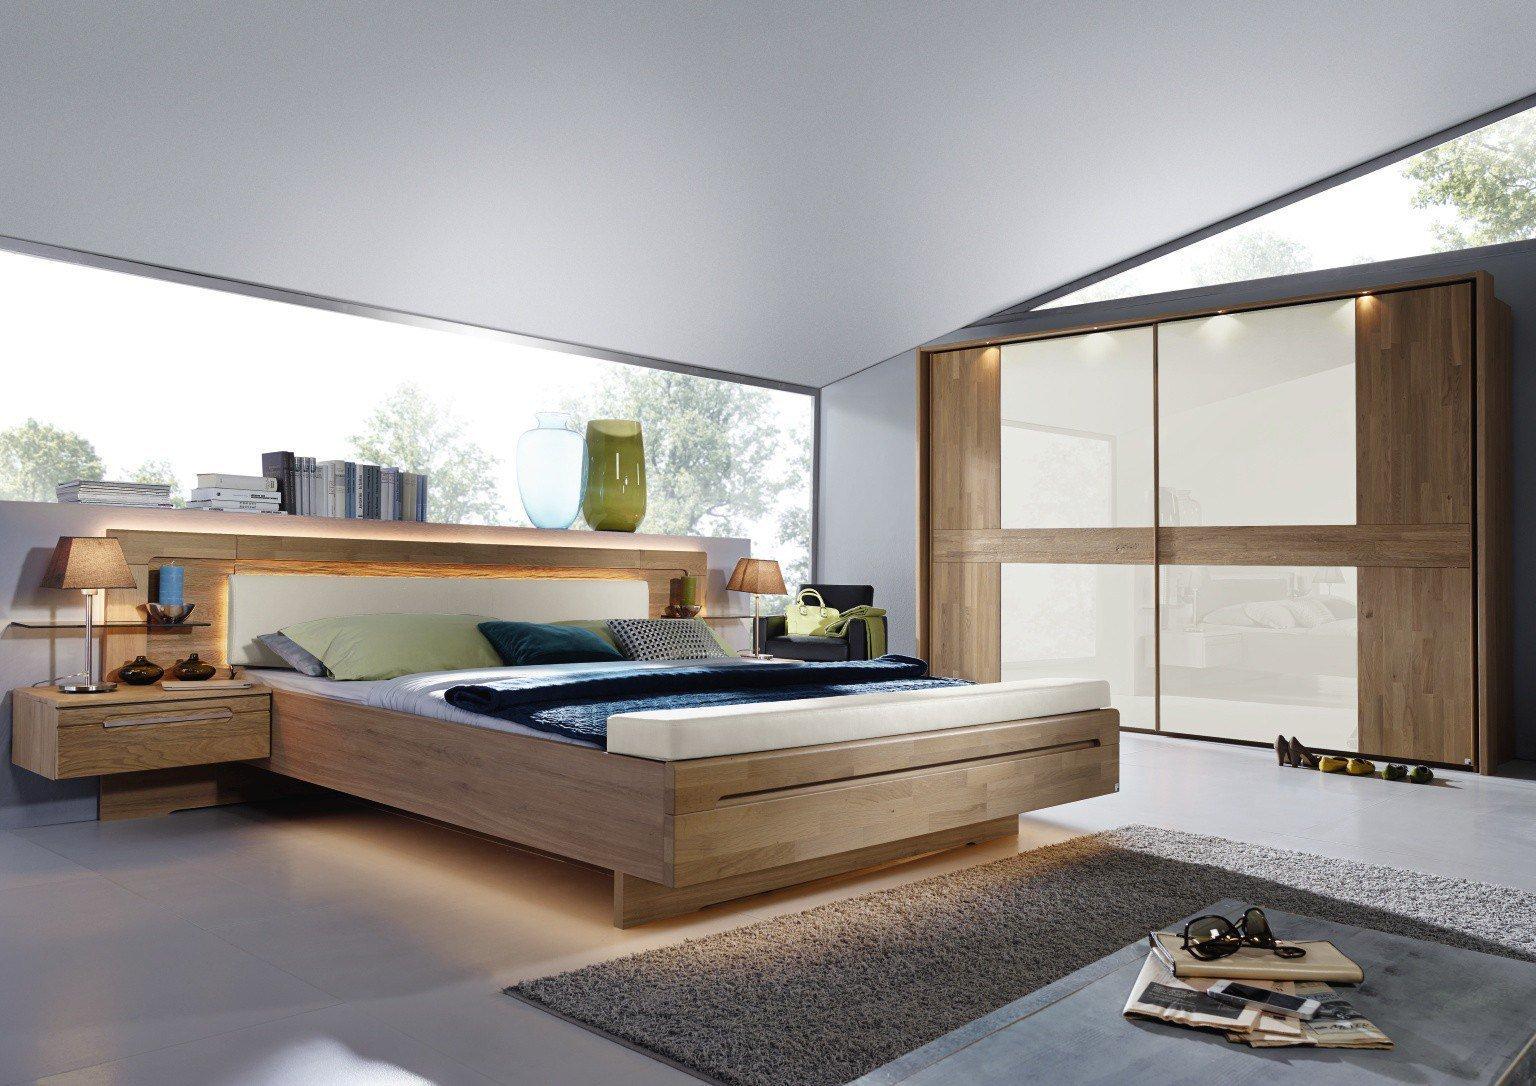 rauch tovalo m bel wildeiche hochglanz m bel letz ihr. Black Bedroom Furniture Sets. Home Design Ideas